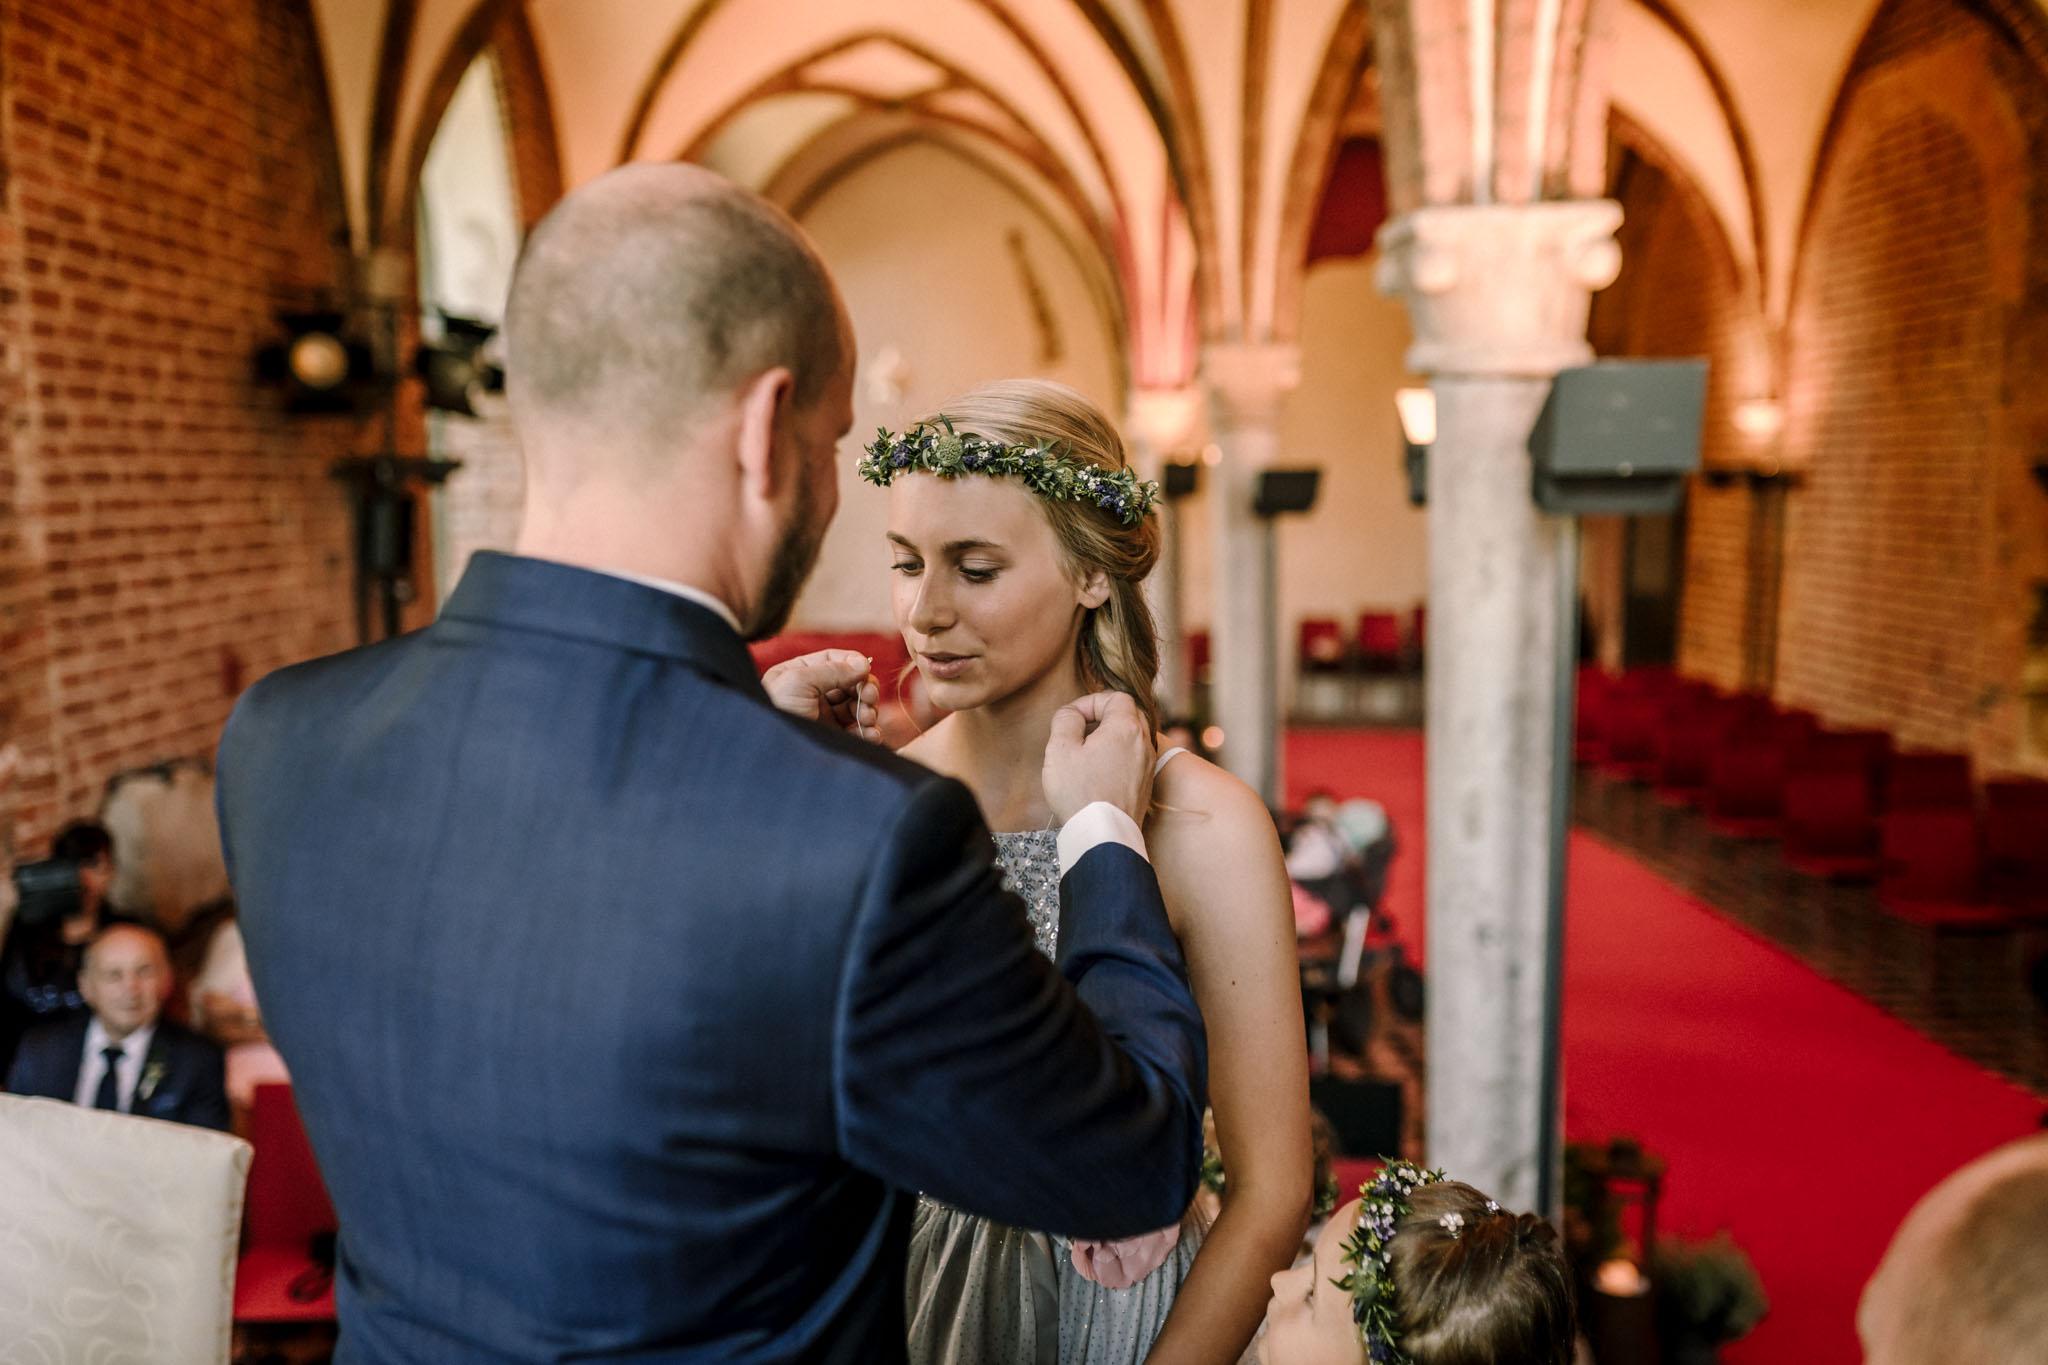 Hochzeitsfieber by Photo-Schomburg, Hochzeitsfotograf, Hamburg,Hochzeitstag, Hochzeitspaar, Braut, Bräutigam, Literaturhauscafe Zarrentin-45